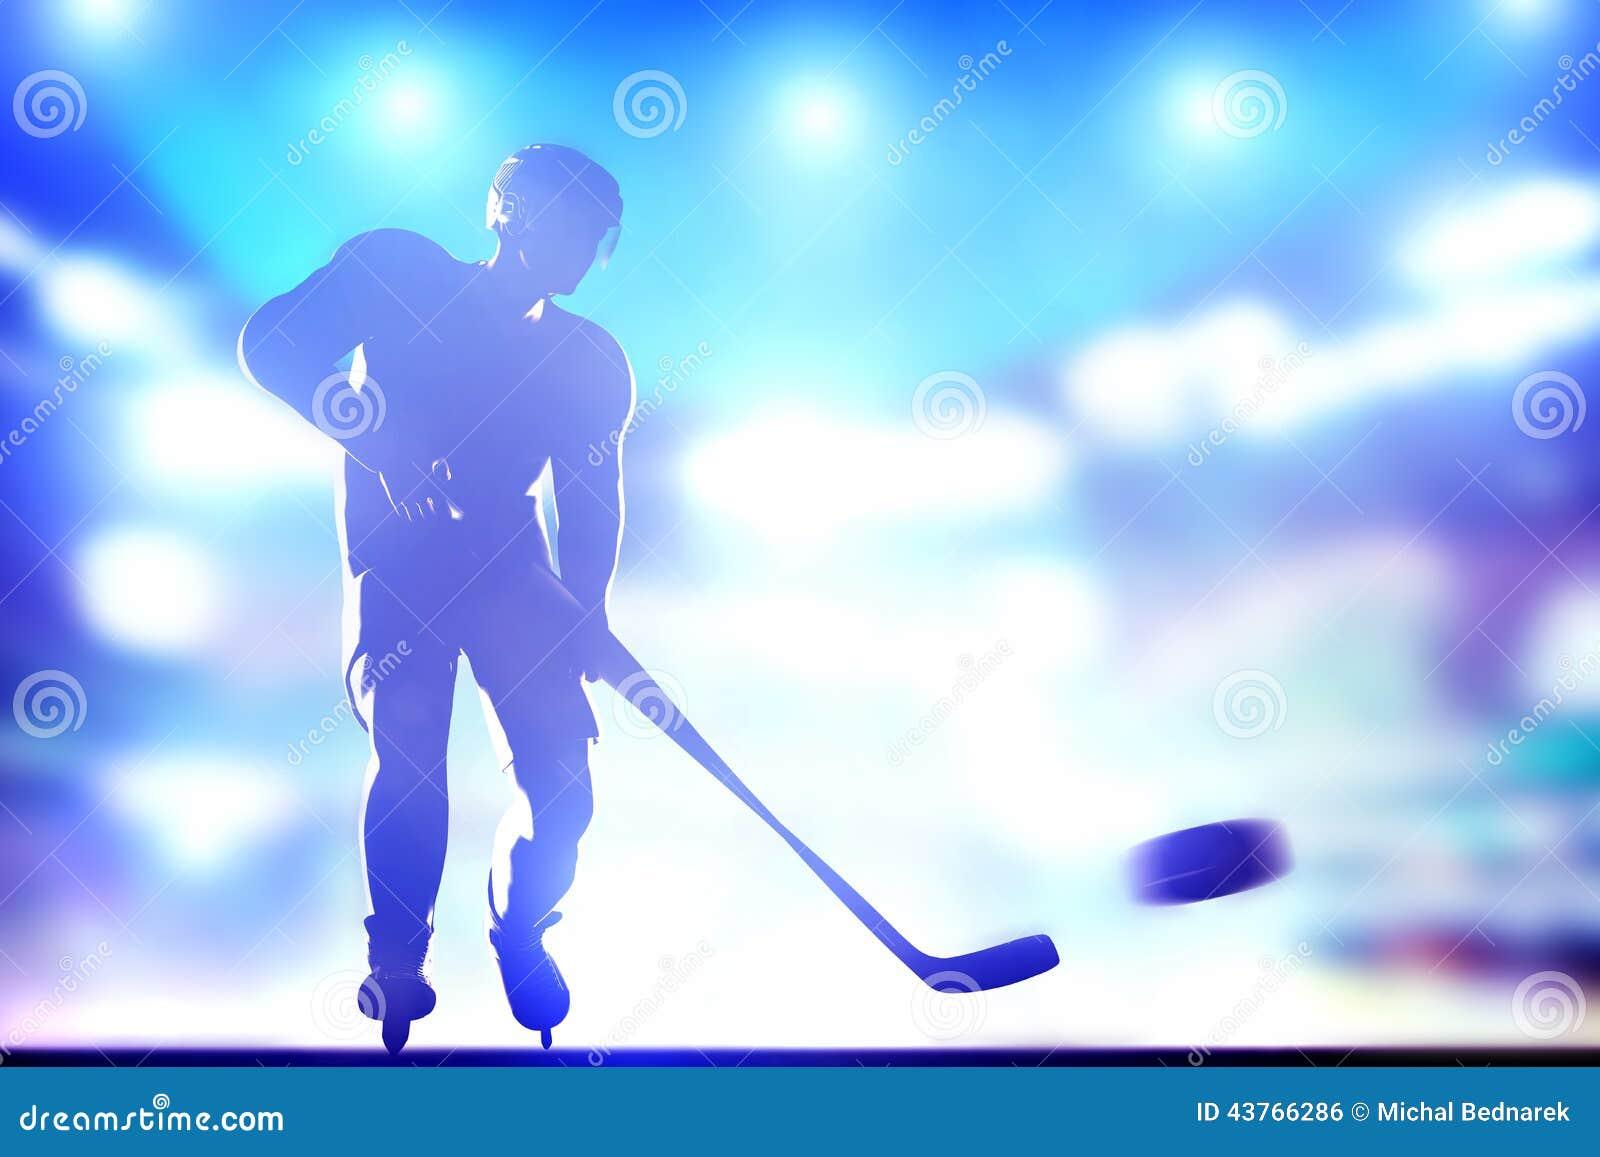 Hockeyspeler die op doel in arenanacht ligh schieten